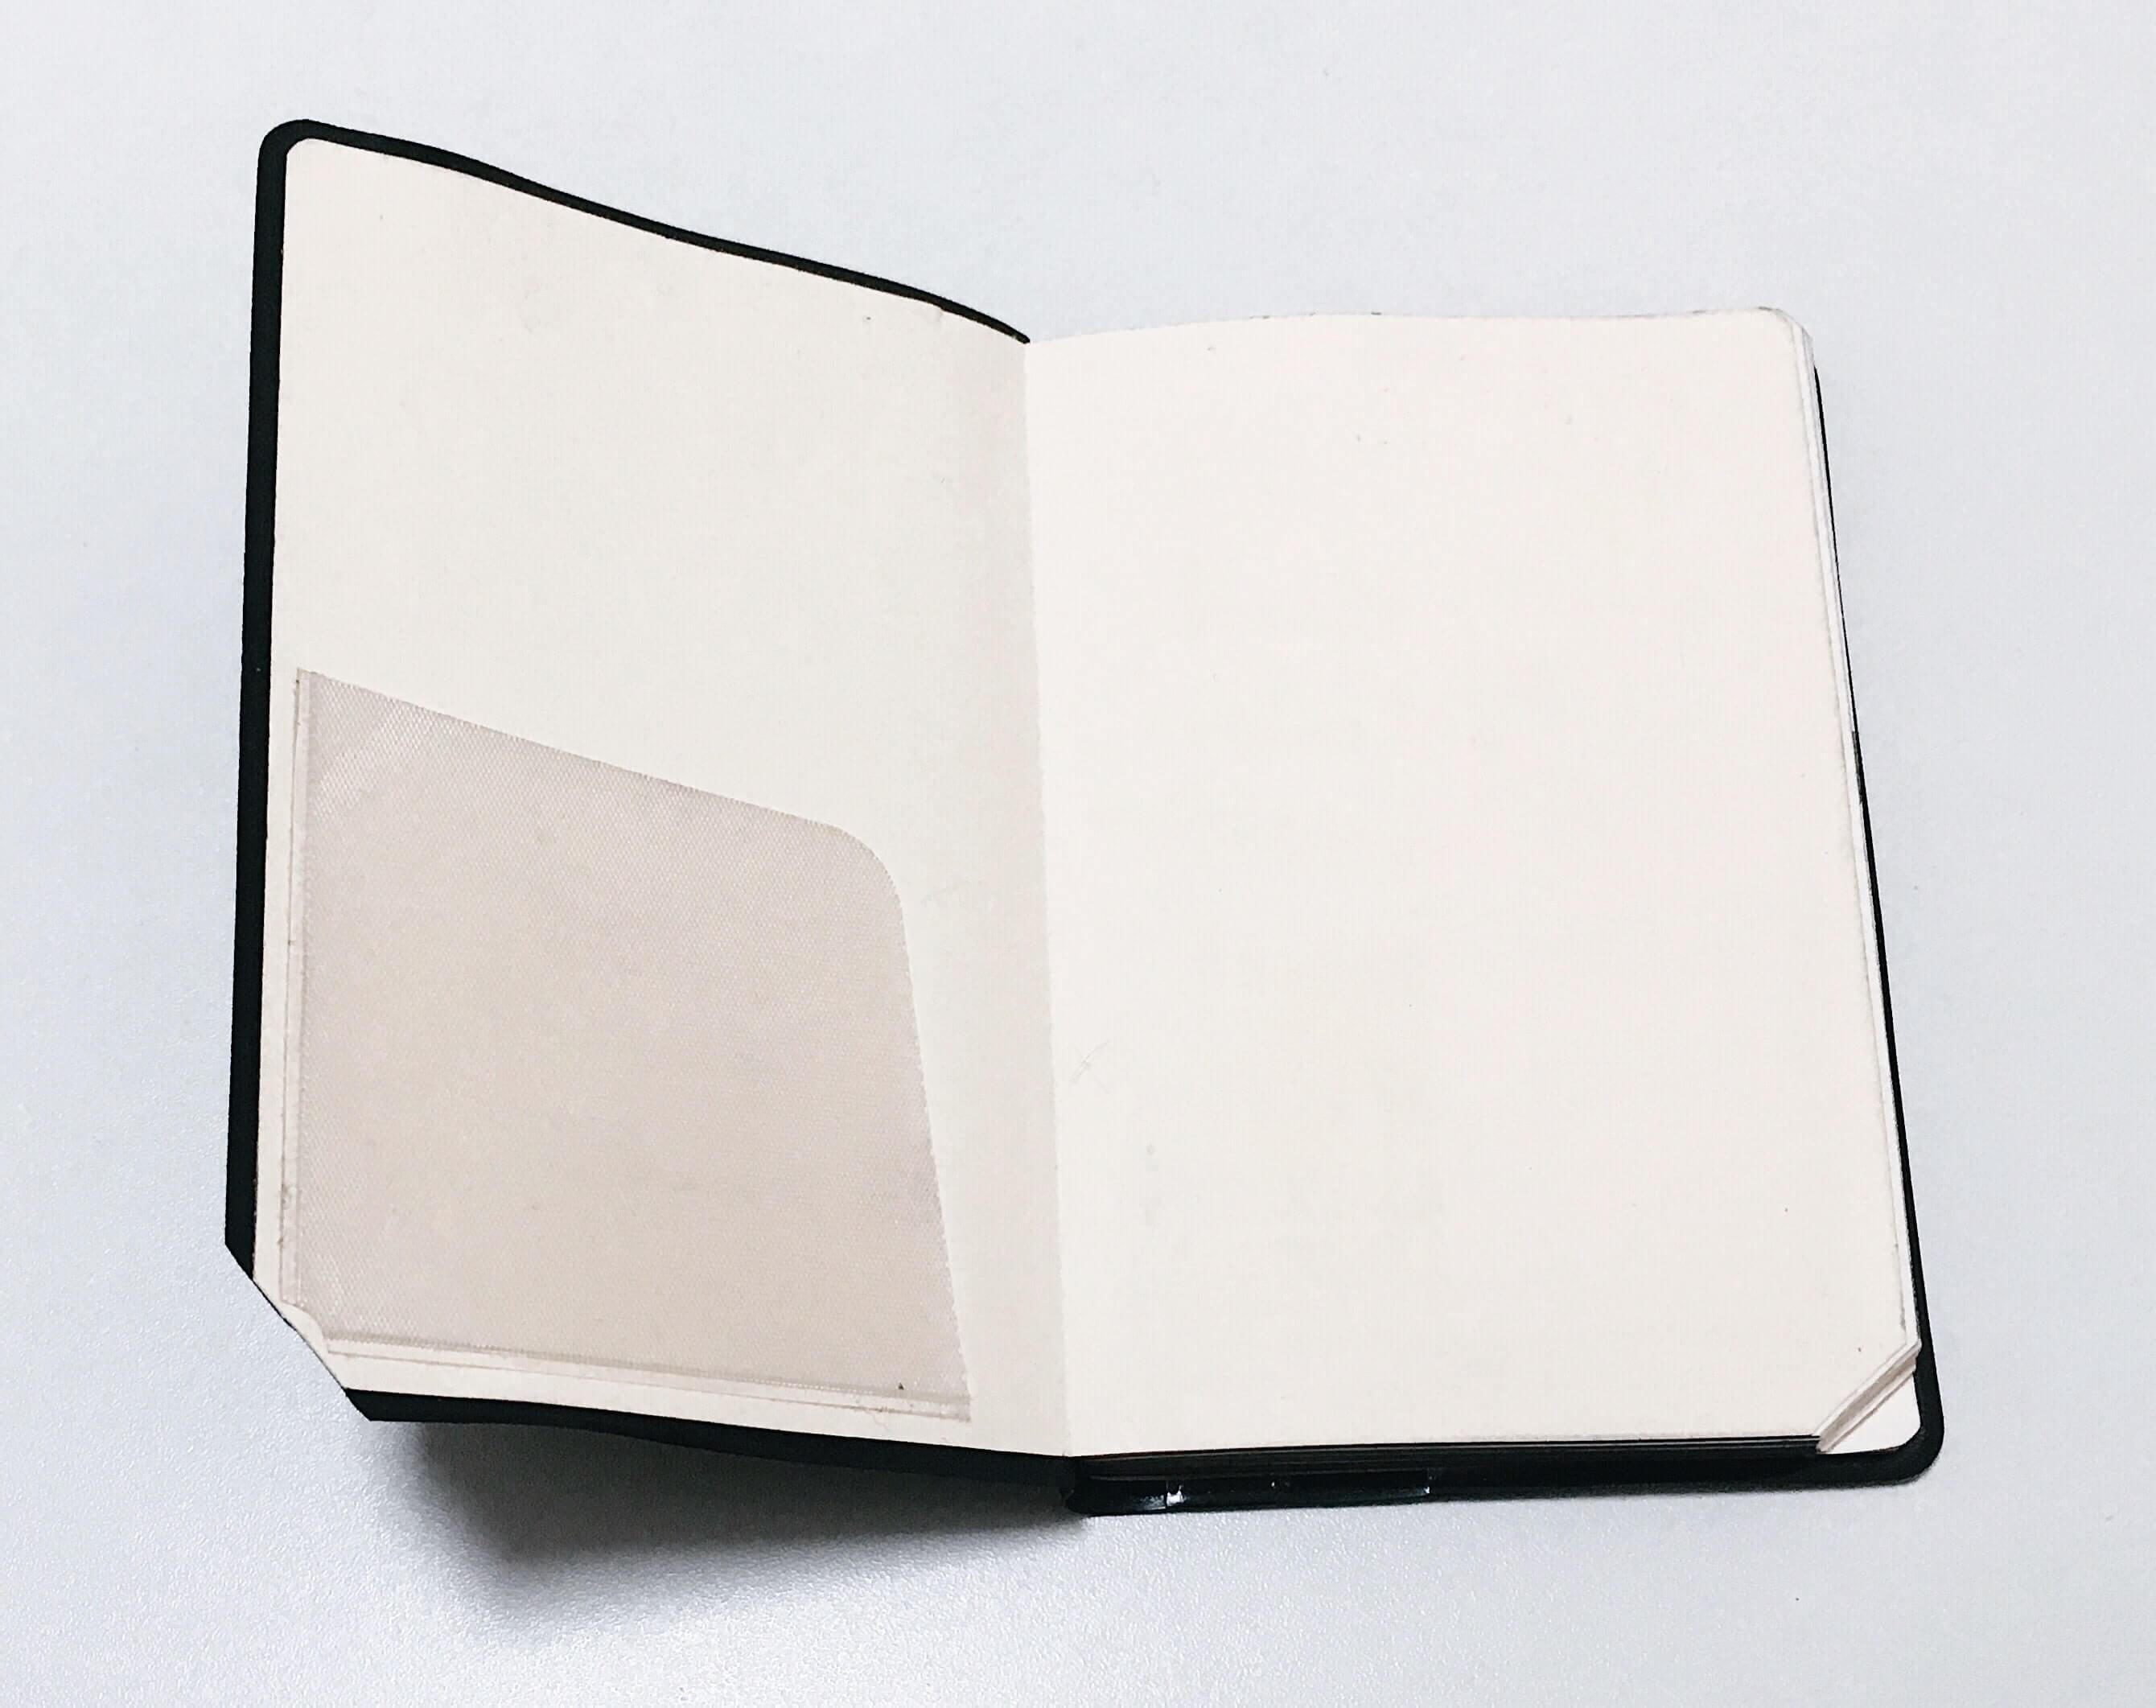 手帳の表紙の裏に貼った追加ポケット